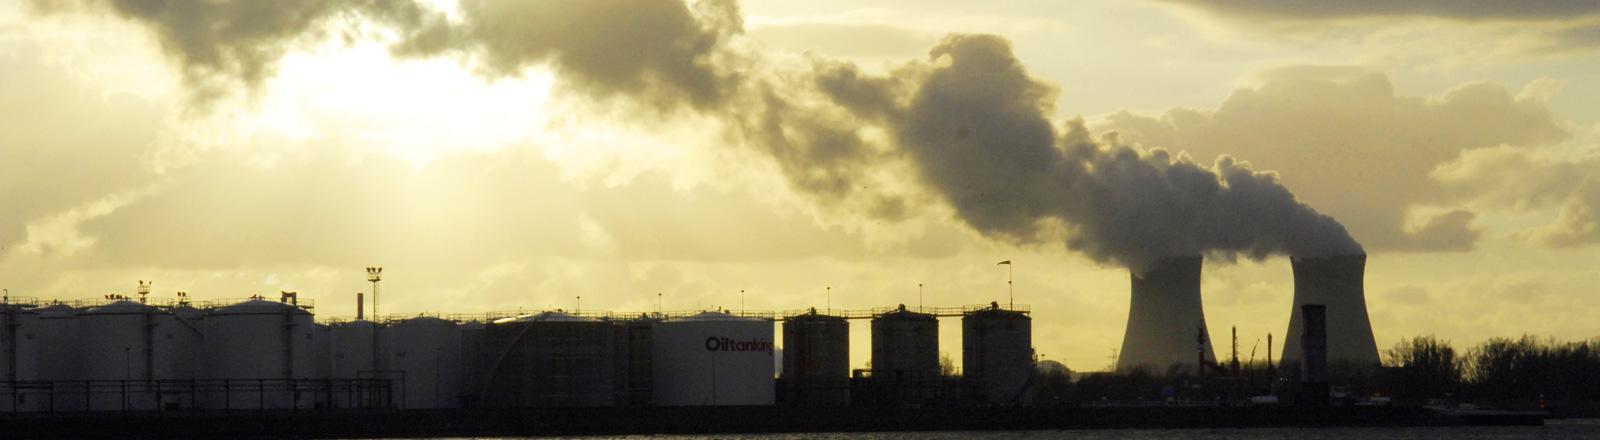 Atomkraftwerk bei Antwerpen, Belgien